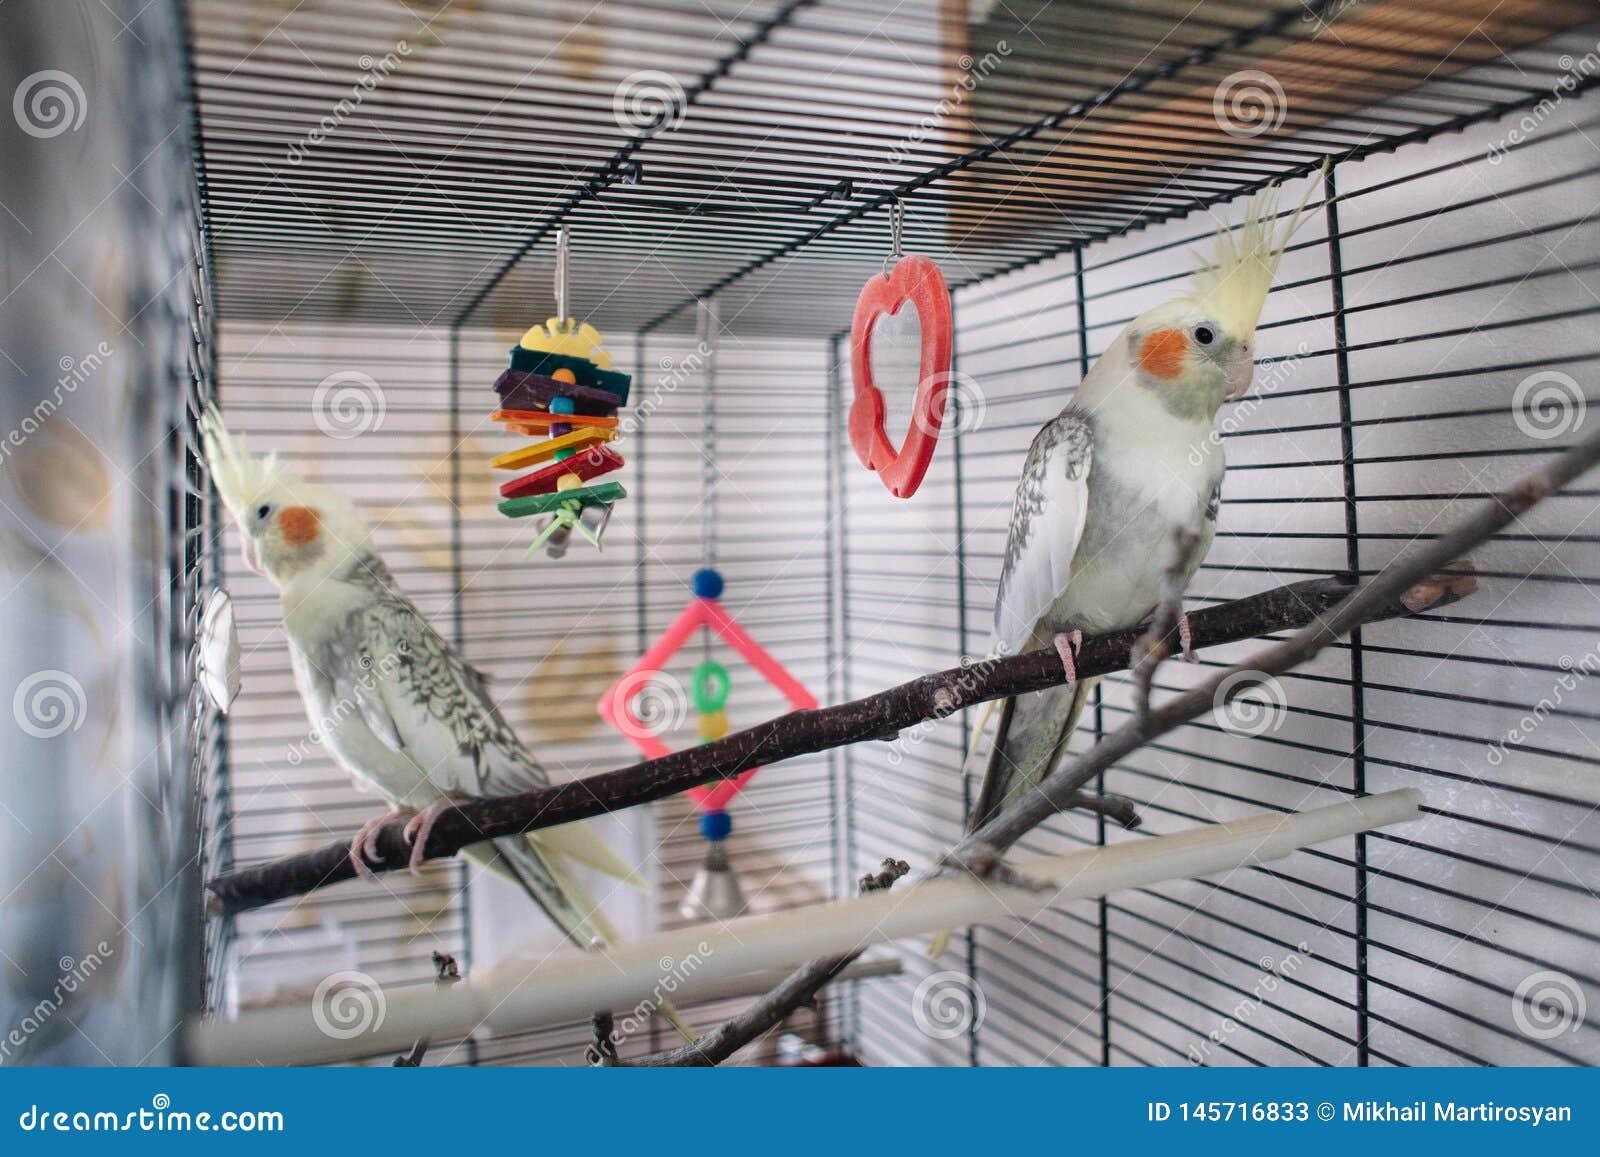 Попугай пар красивый белый в клетке